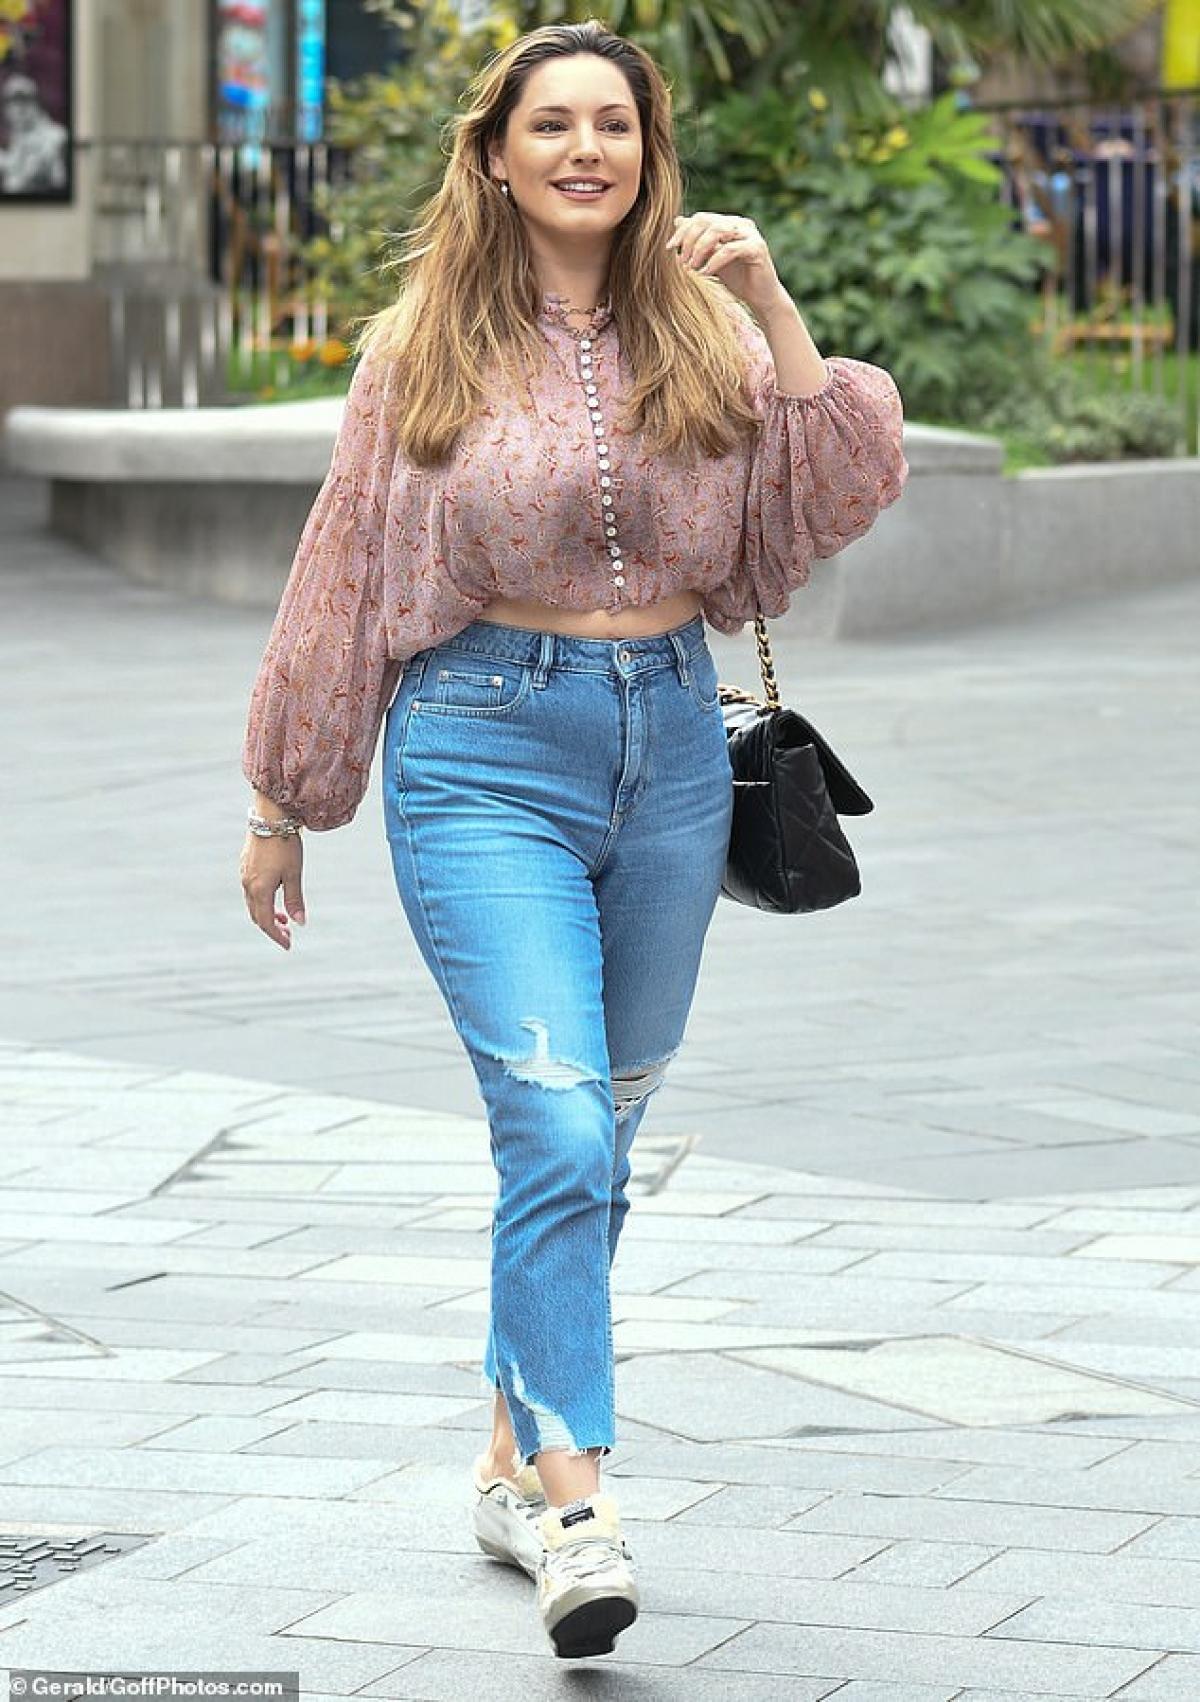 Siêu mẫu luôn khẳng định việc tăng cân là hoàn toàn bình thường và cô vẫn thấy tự tin.